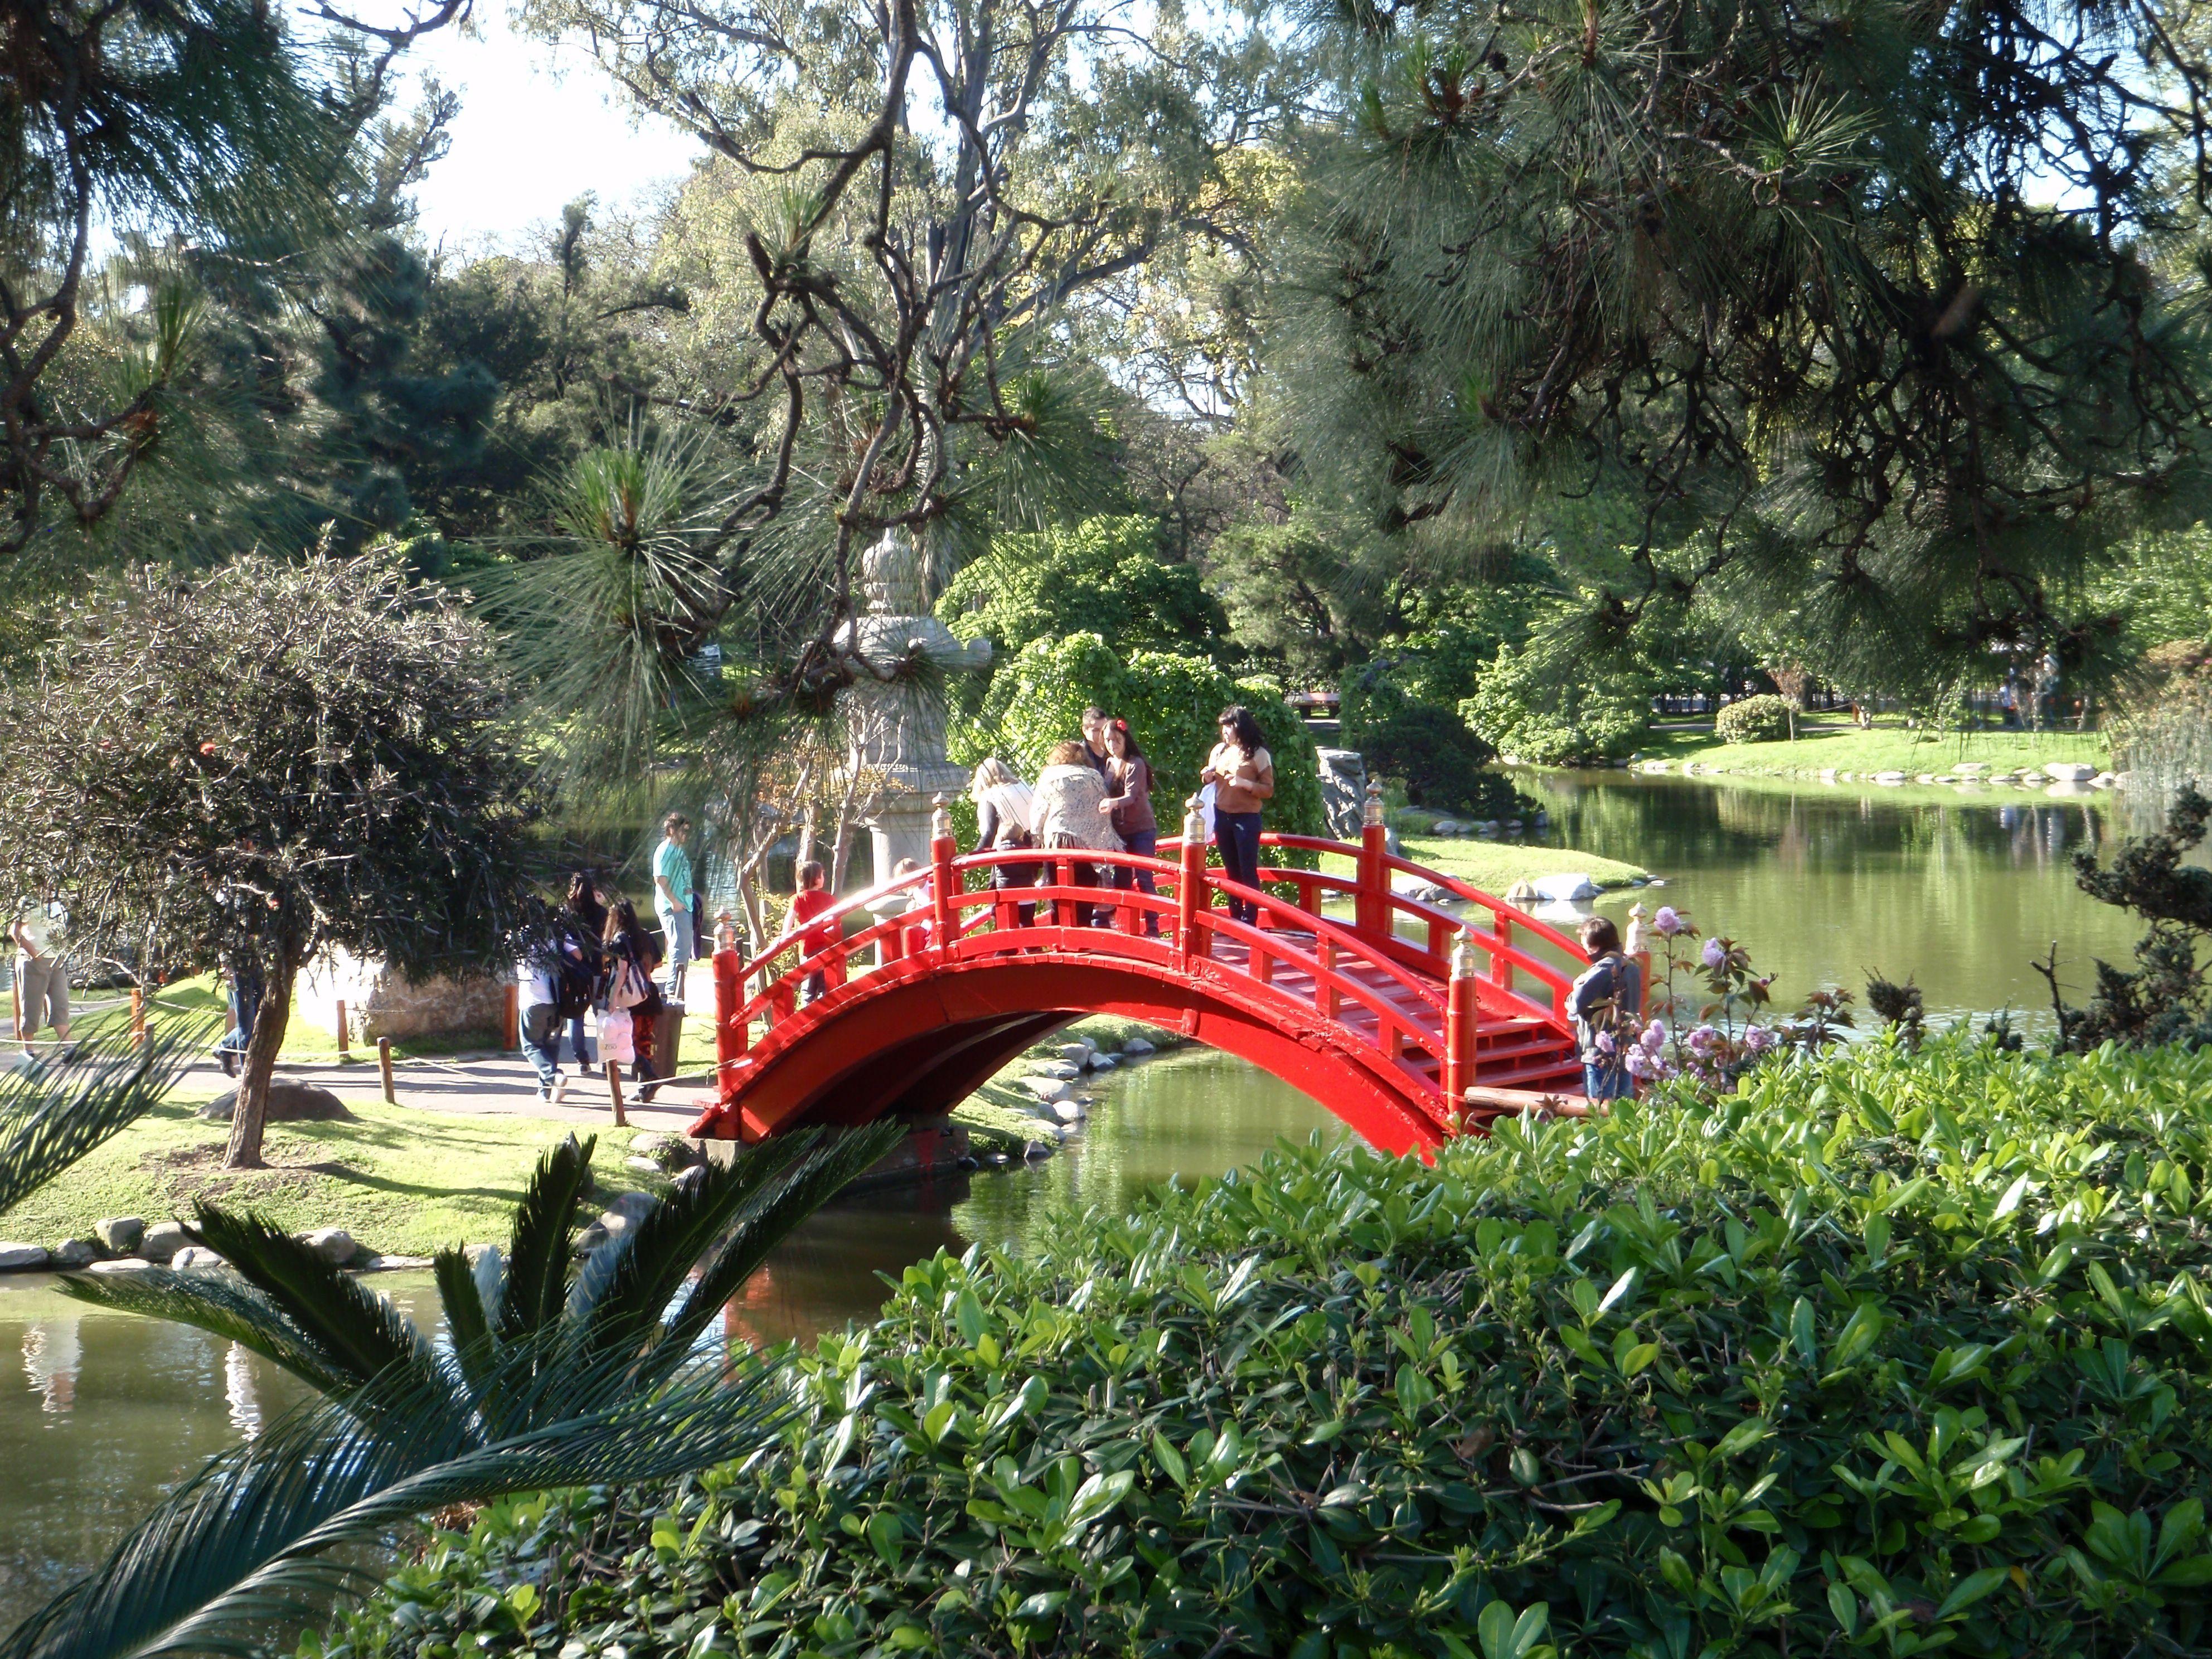 Este Es El Jardín Botánico De Buenos Aires Turistas Ven Los Attracciones En El Jardín Outdoor Structures Garden Bridge Garden